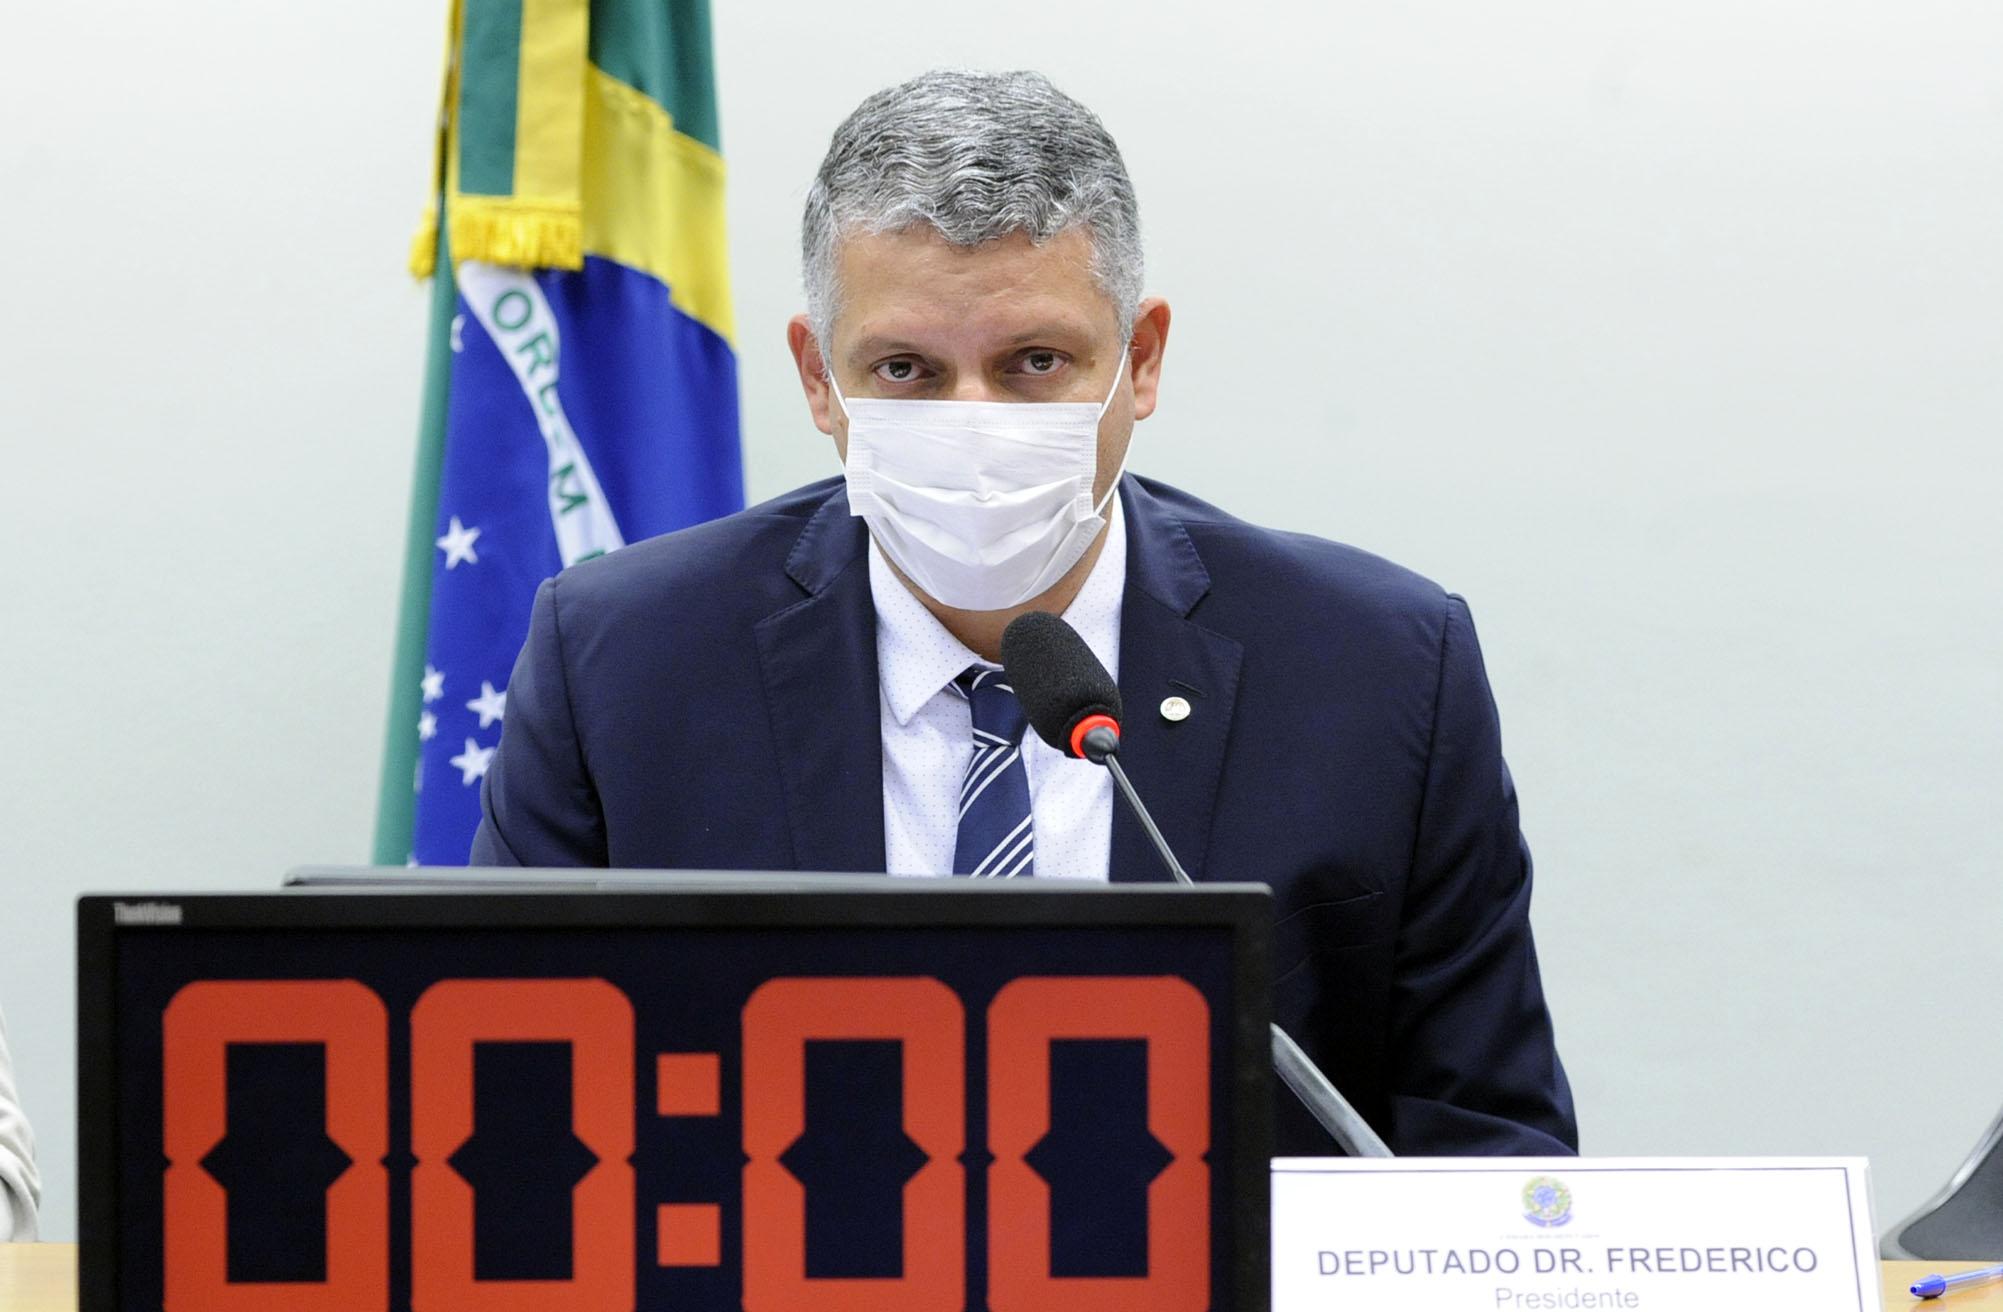 Reunião Deliberativa. Dep. Dr. Frederico(PATRIOTA - MG)